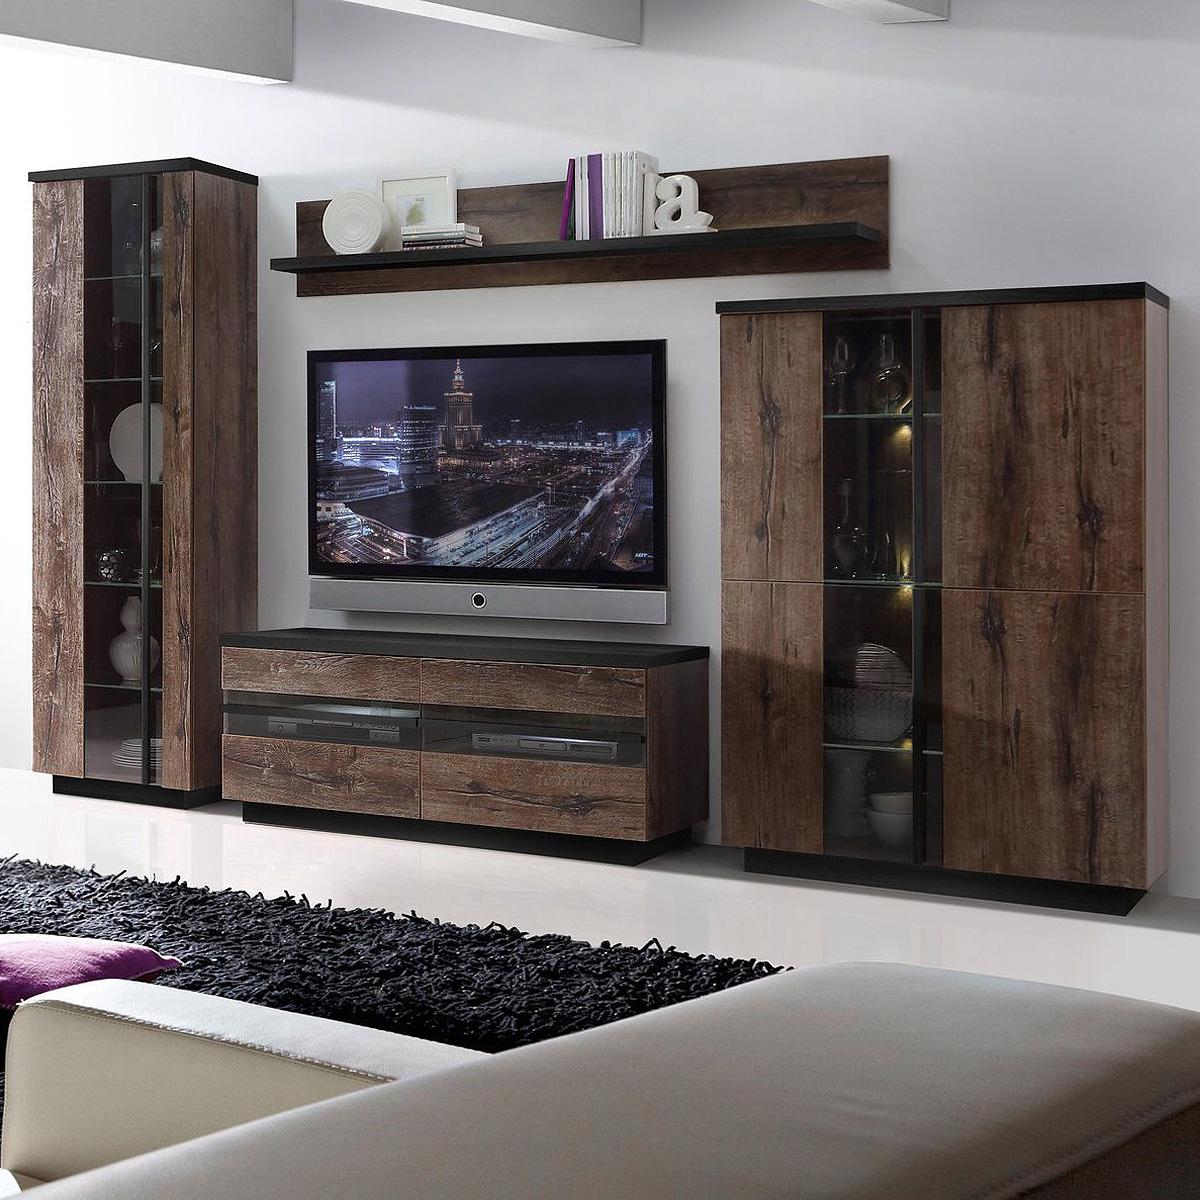 wohnwand 2 abro anbauwand wohnzimmer in schlammeiche und. Black Bedroom Furniture Sets. Home Design Ideas